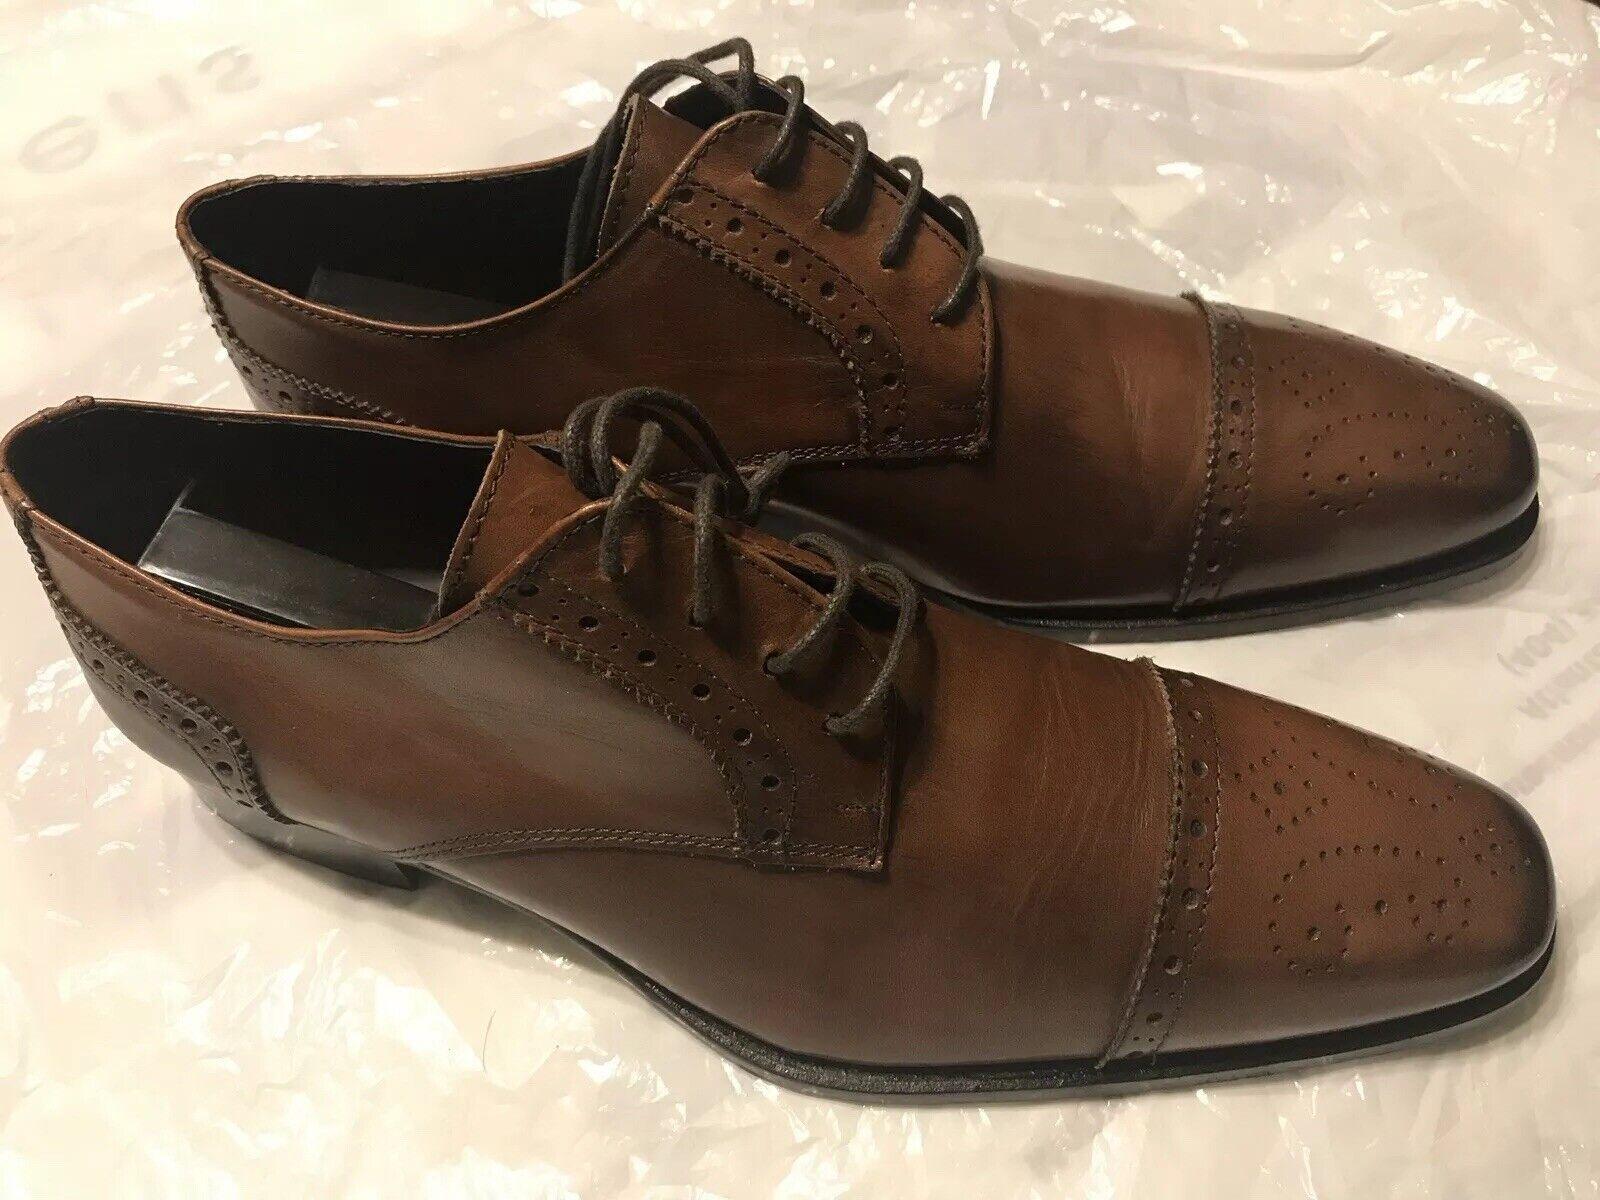 negozio a basso costo Men Men Men Marrone Italian Di franco scarpe Dimensione 10  alla moda